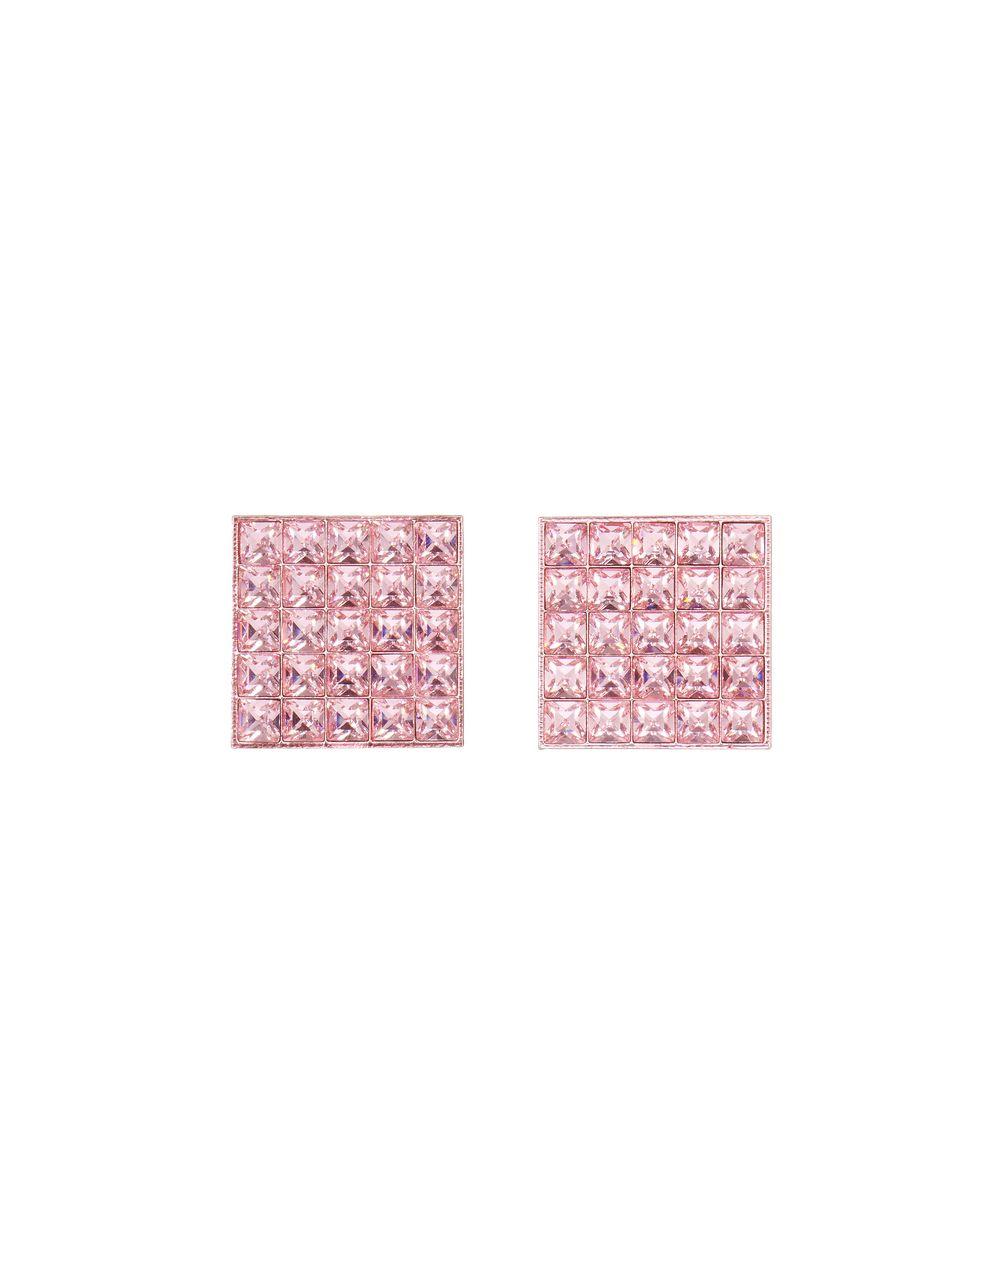 PINK LUXBOX EARRINGS - Lanvin